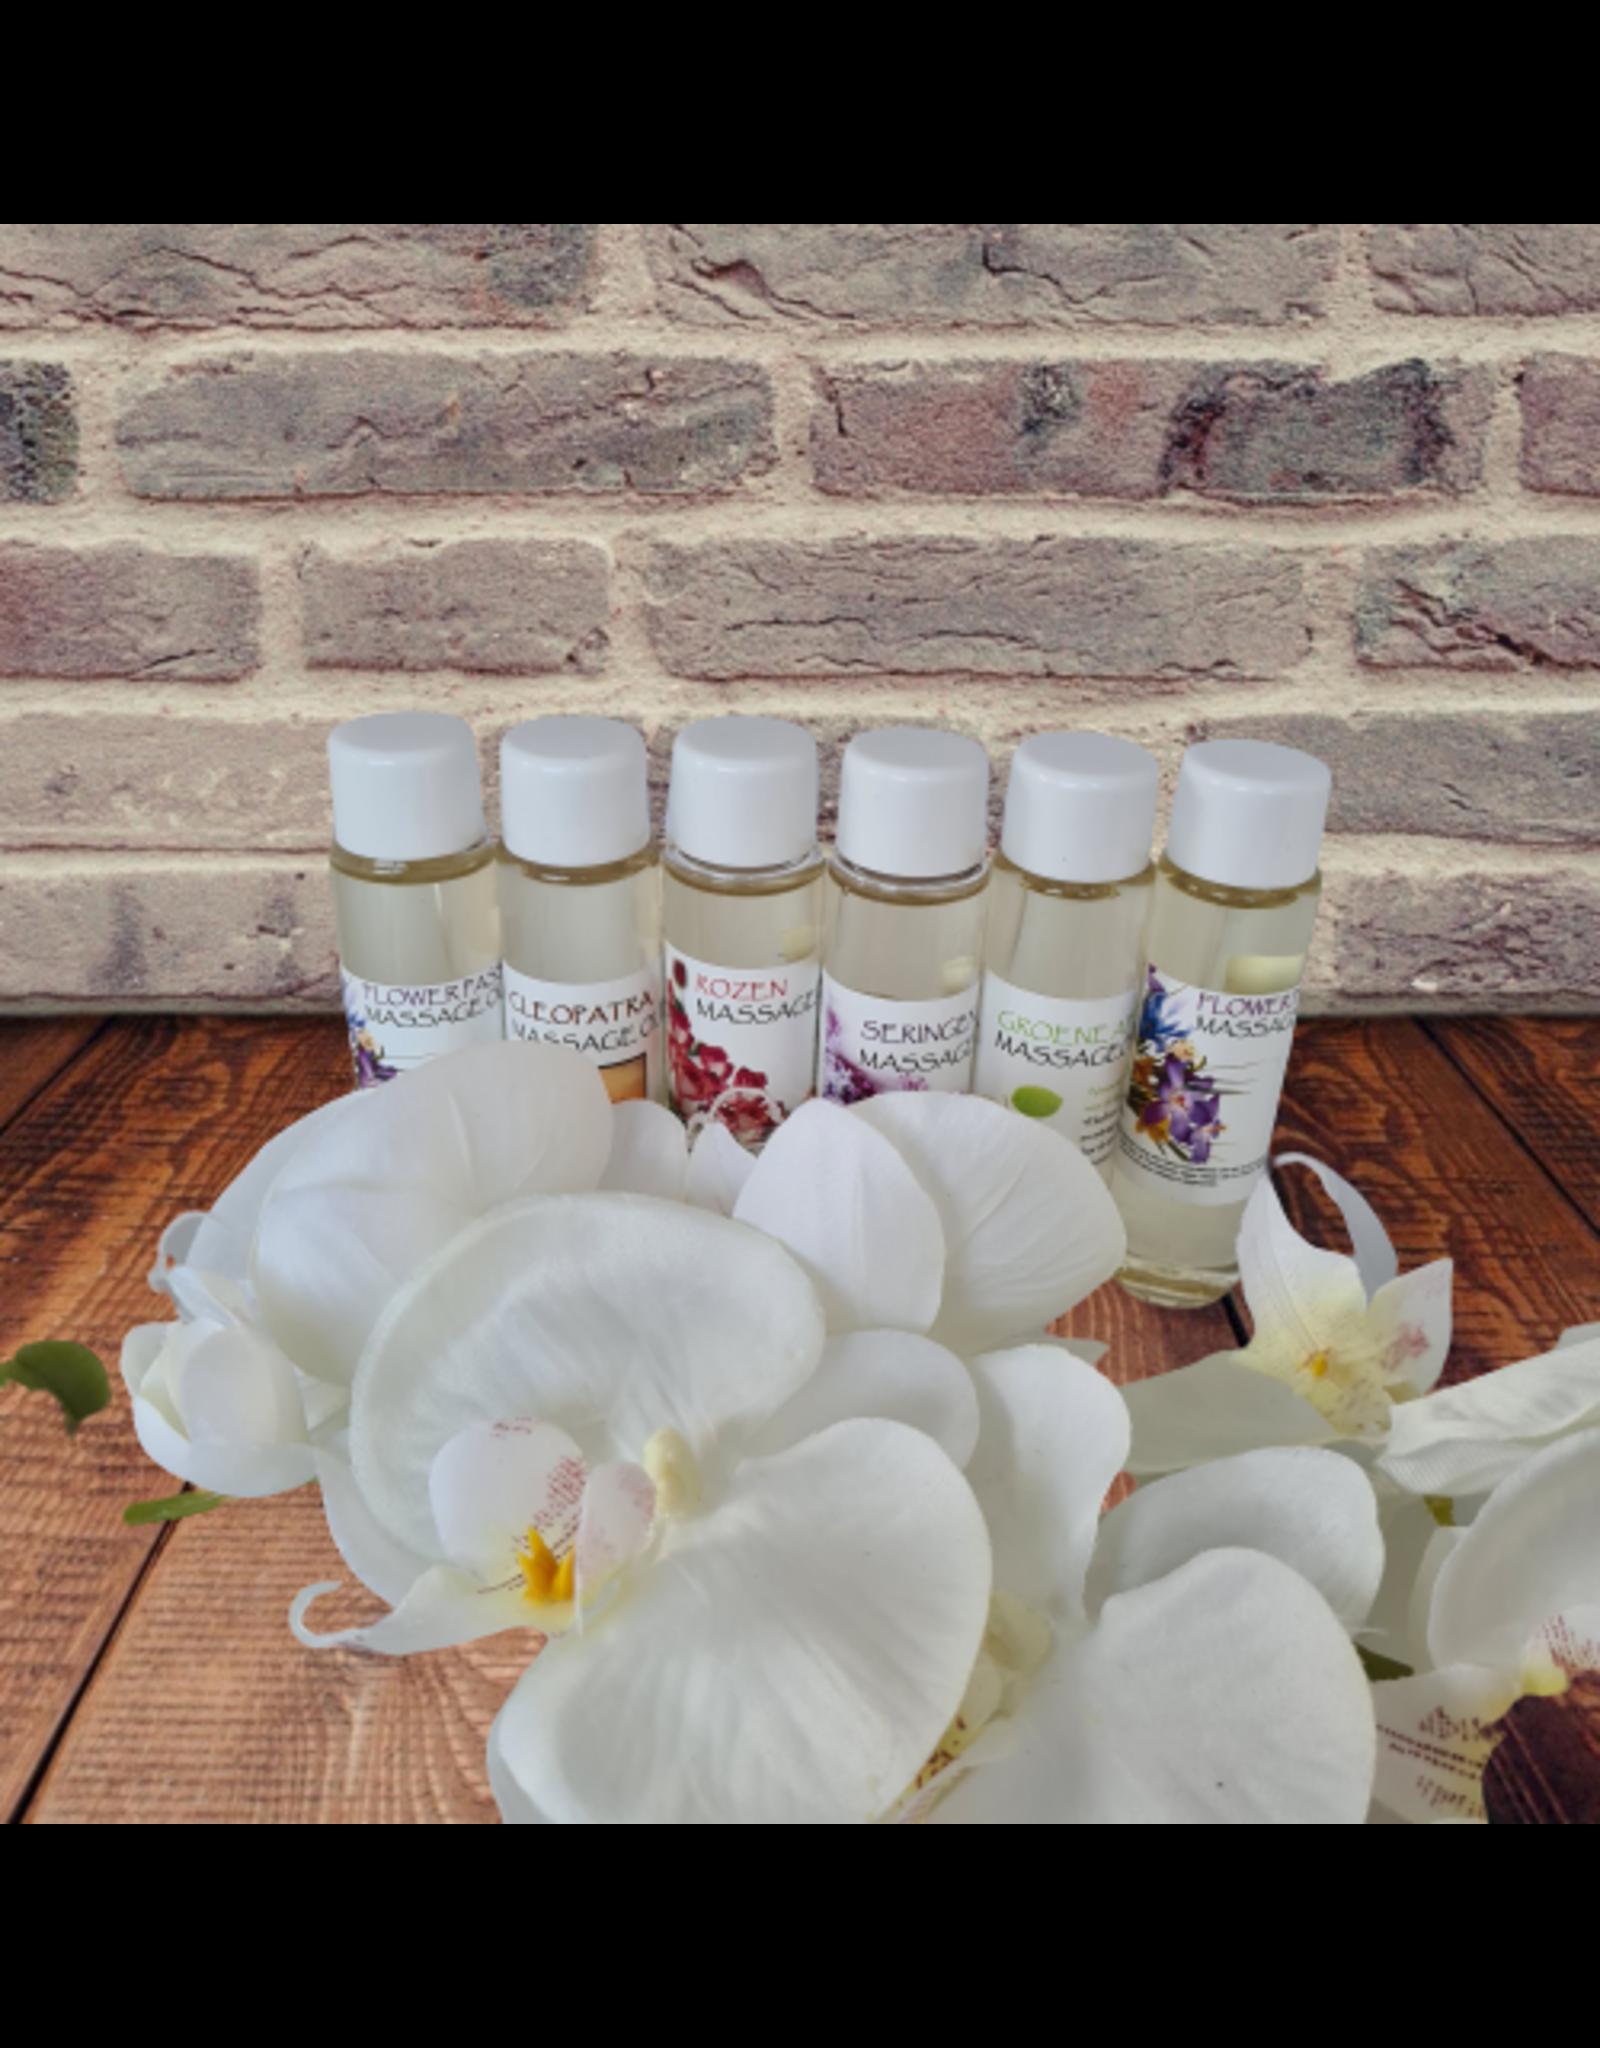 DeOliebaron Doosje a 6 x 30 ml flesjes massage olie (Diverse geuren)